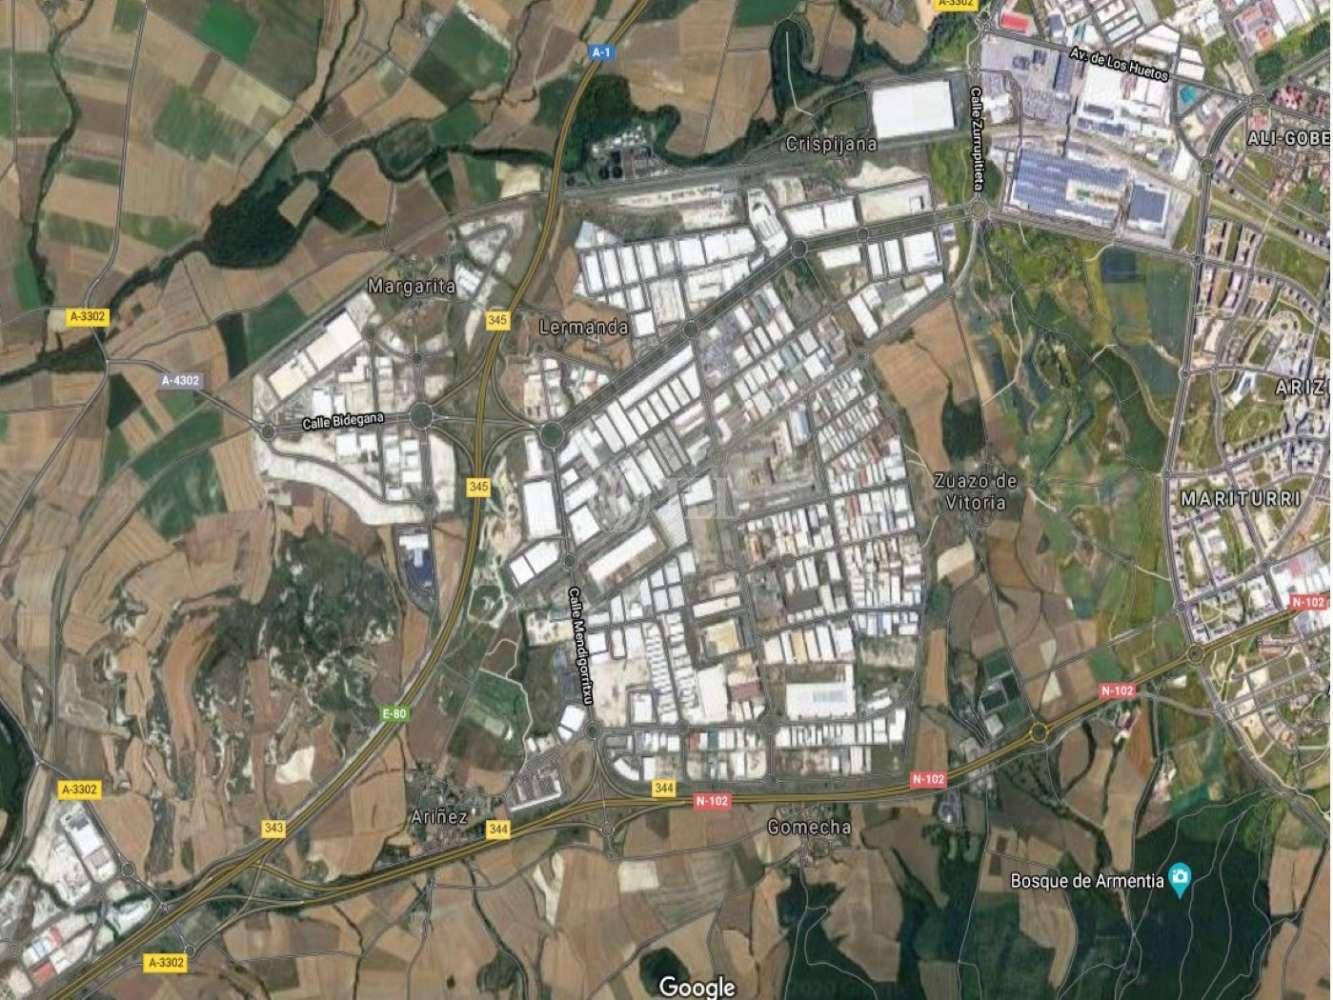 Naves industriales y logísticas Vitoria-gasteiz, 1015 - B0510 NAVE INDUSTRIAL EN VENTA PI JUNDIZ VITORIA